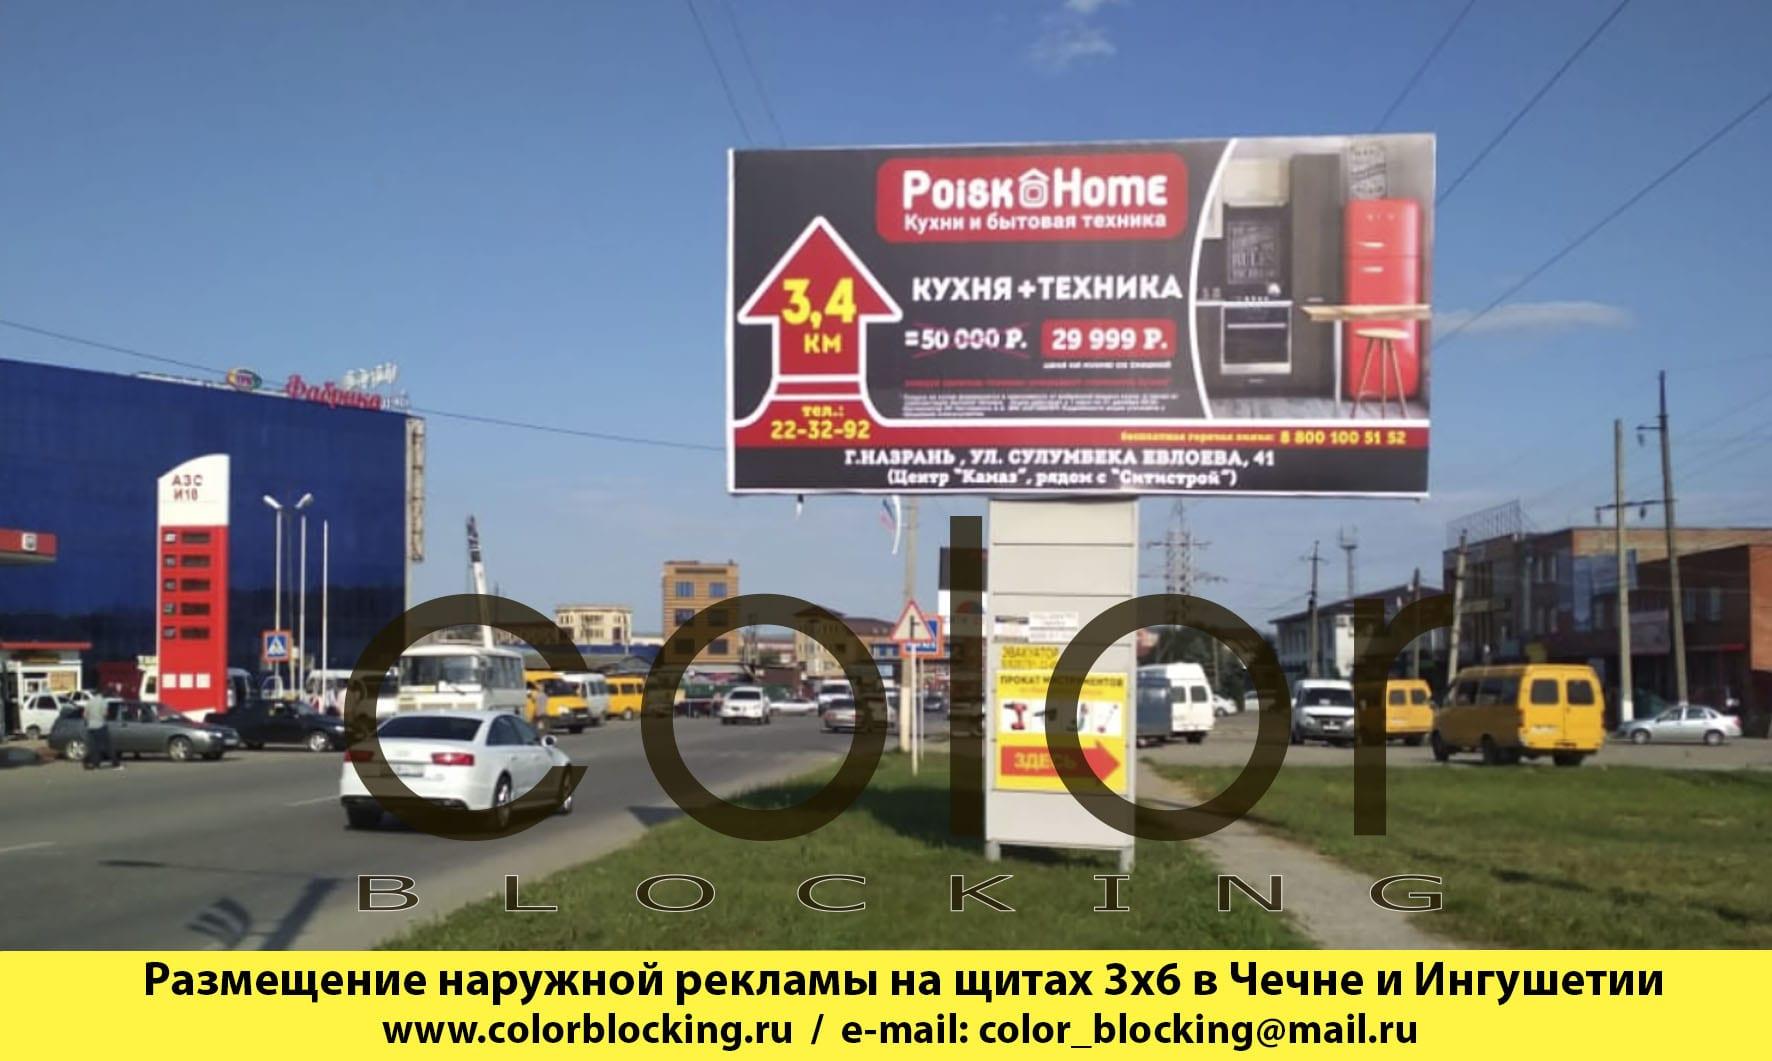 Рекламные услуги в Грозном Назрань